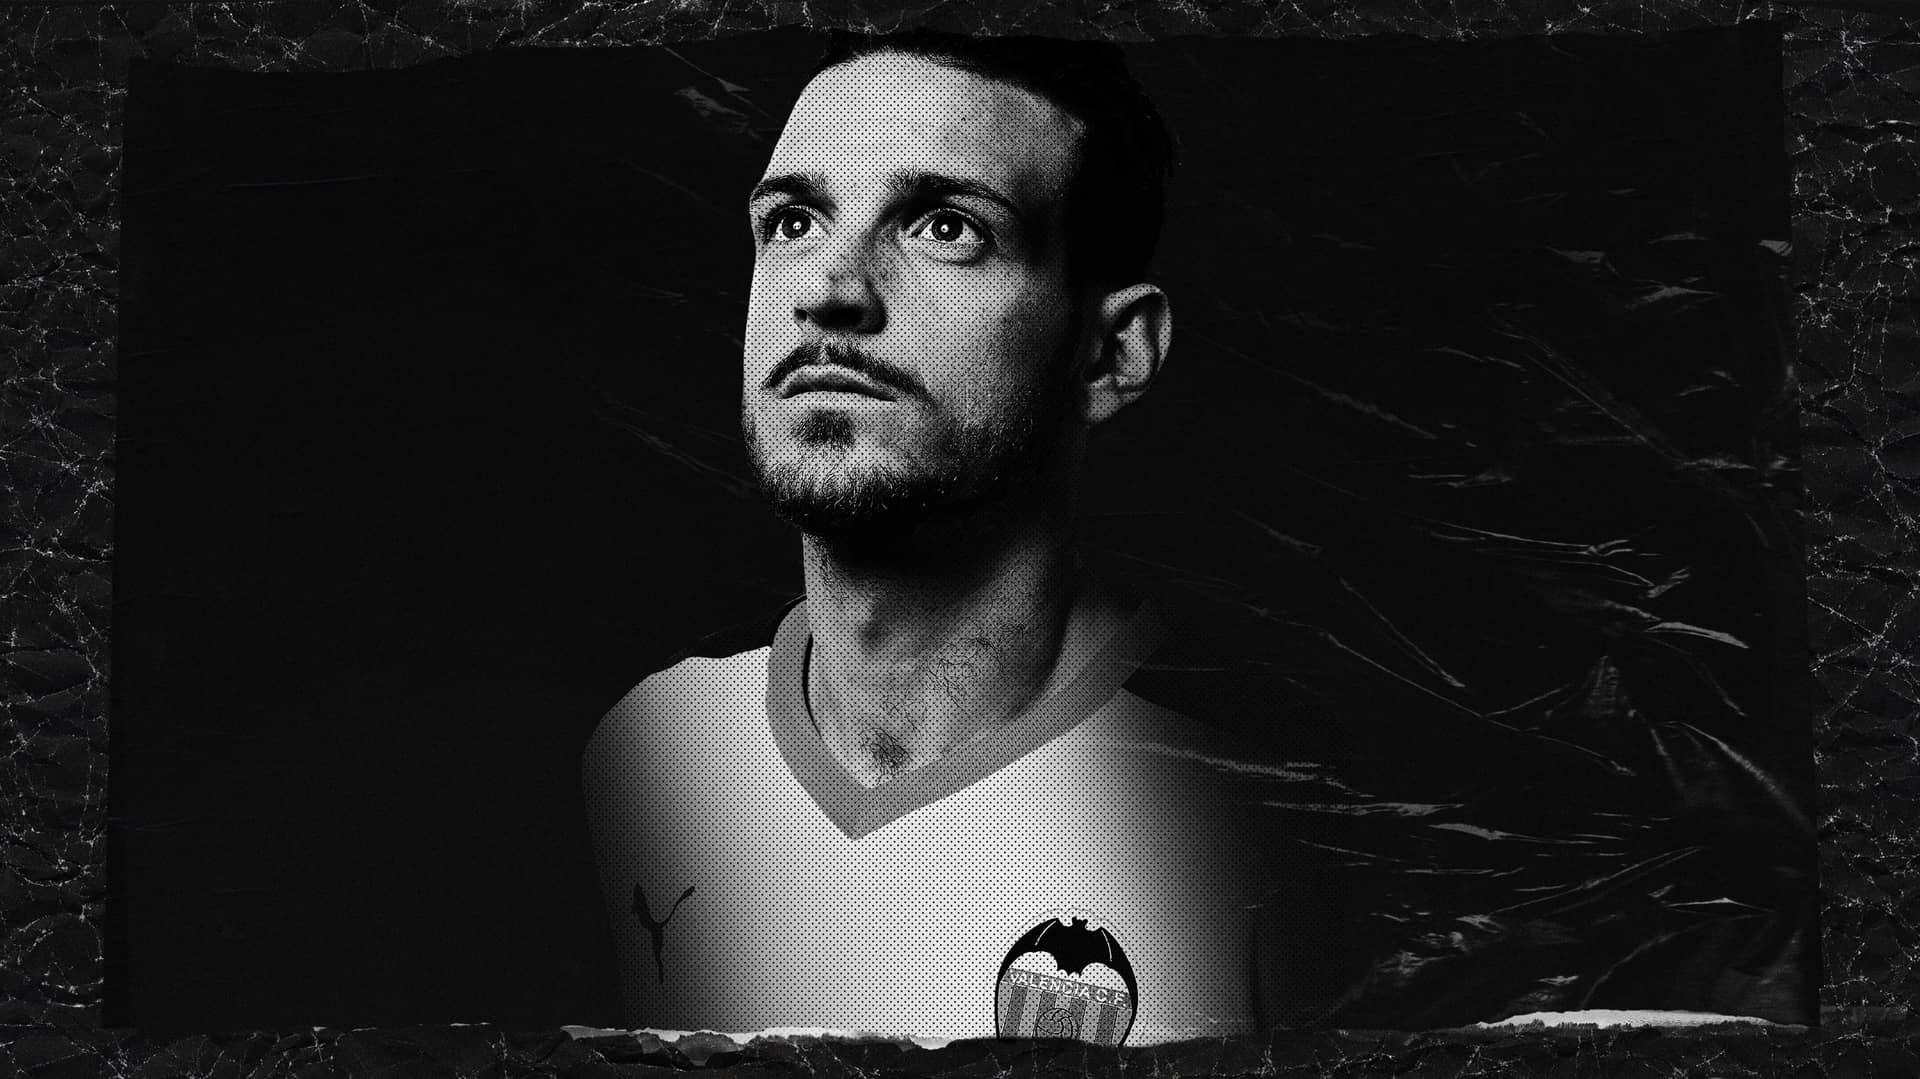 官方:罗马队长弗洛伦齐租借加盟瓦伦西亚半赛季